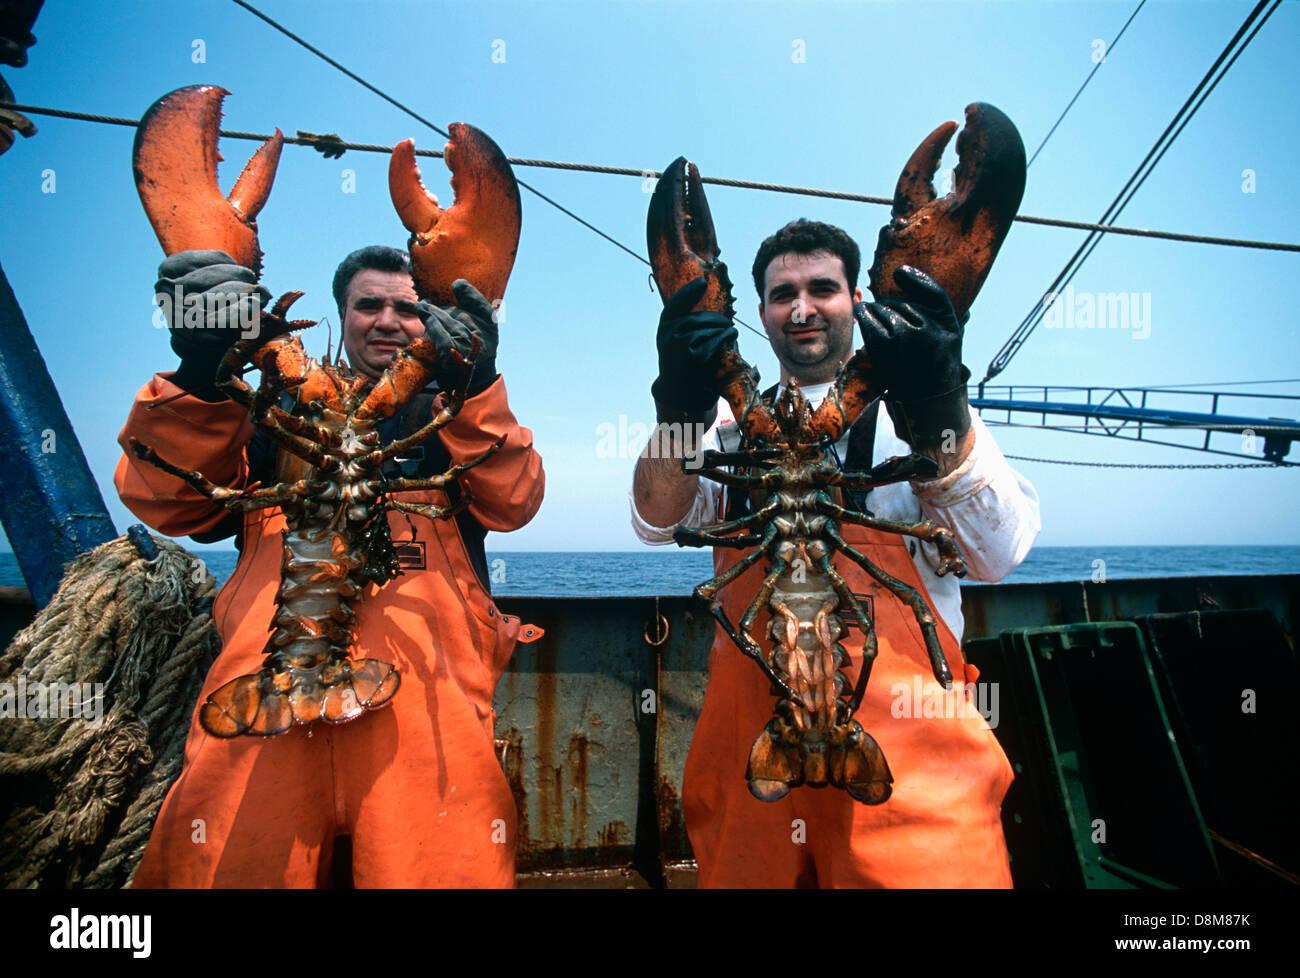 Fishermen hold 15lb lobsters (Homarus americanus) caught in a dragger net. Stellwagon Bank, Gloucester, Massachusettes - Stock Image